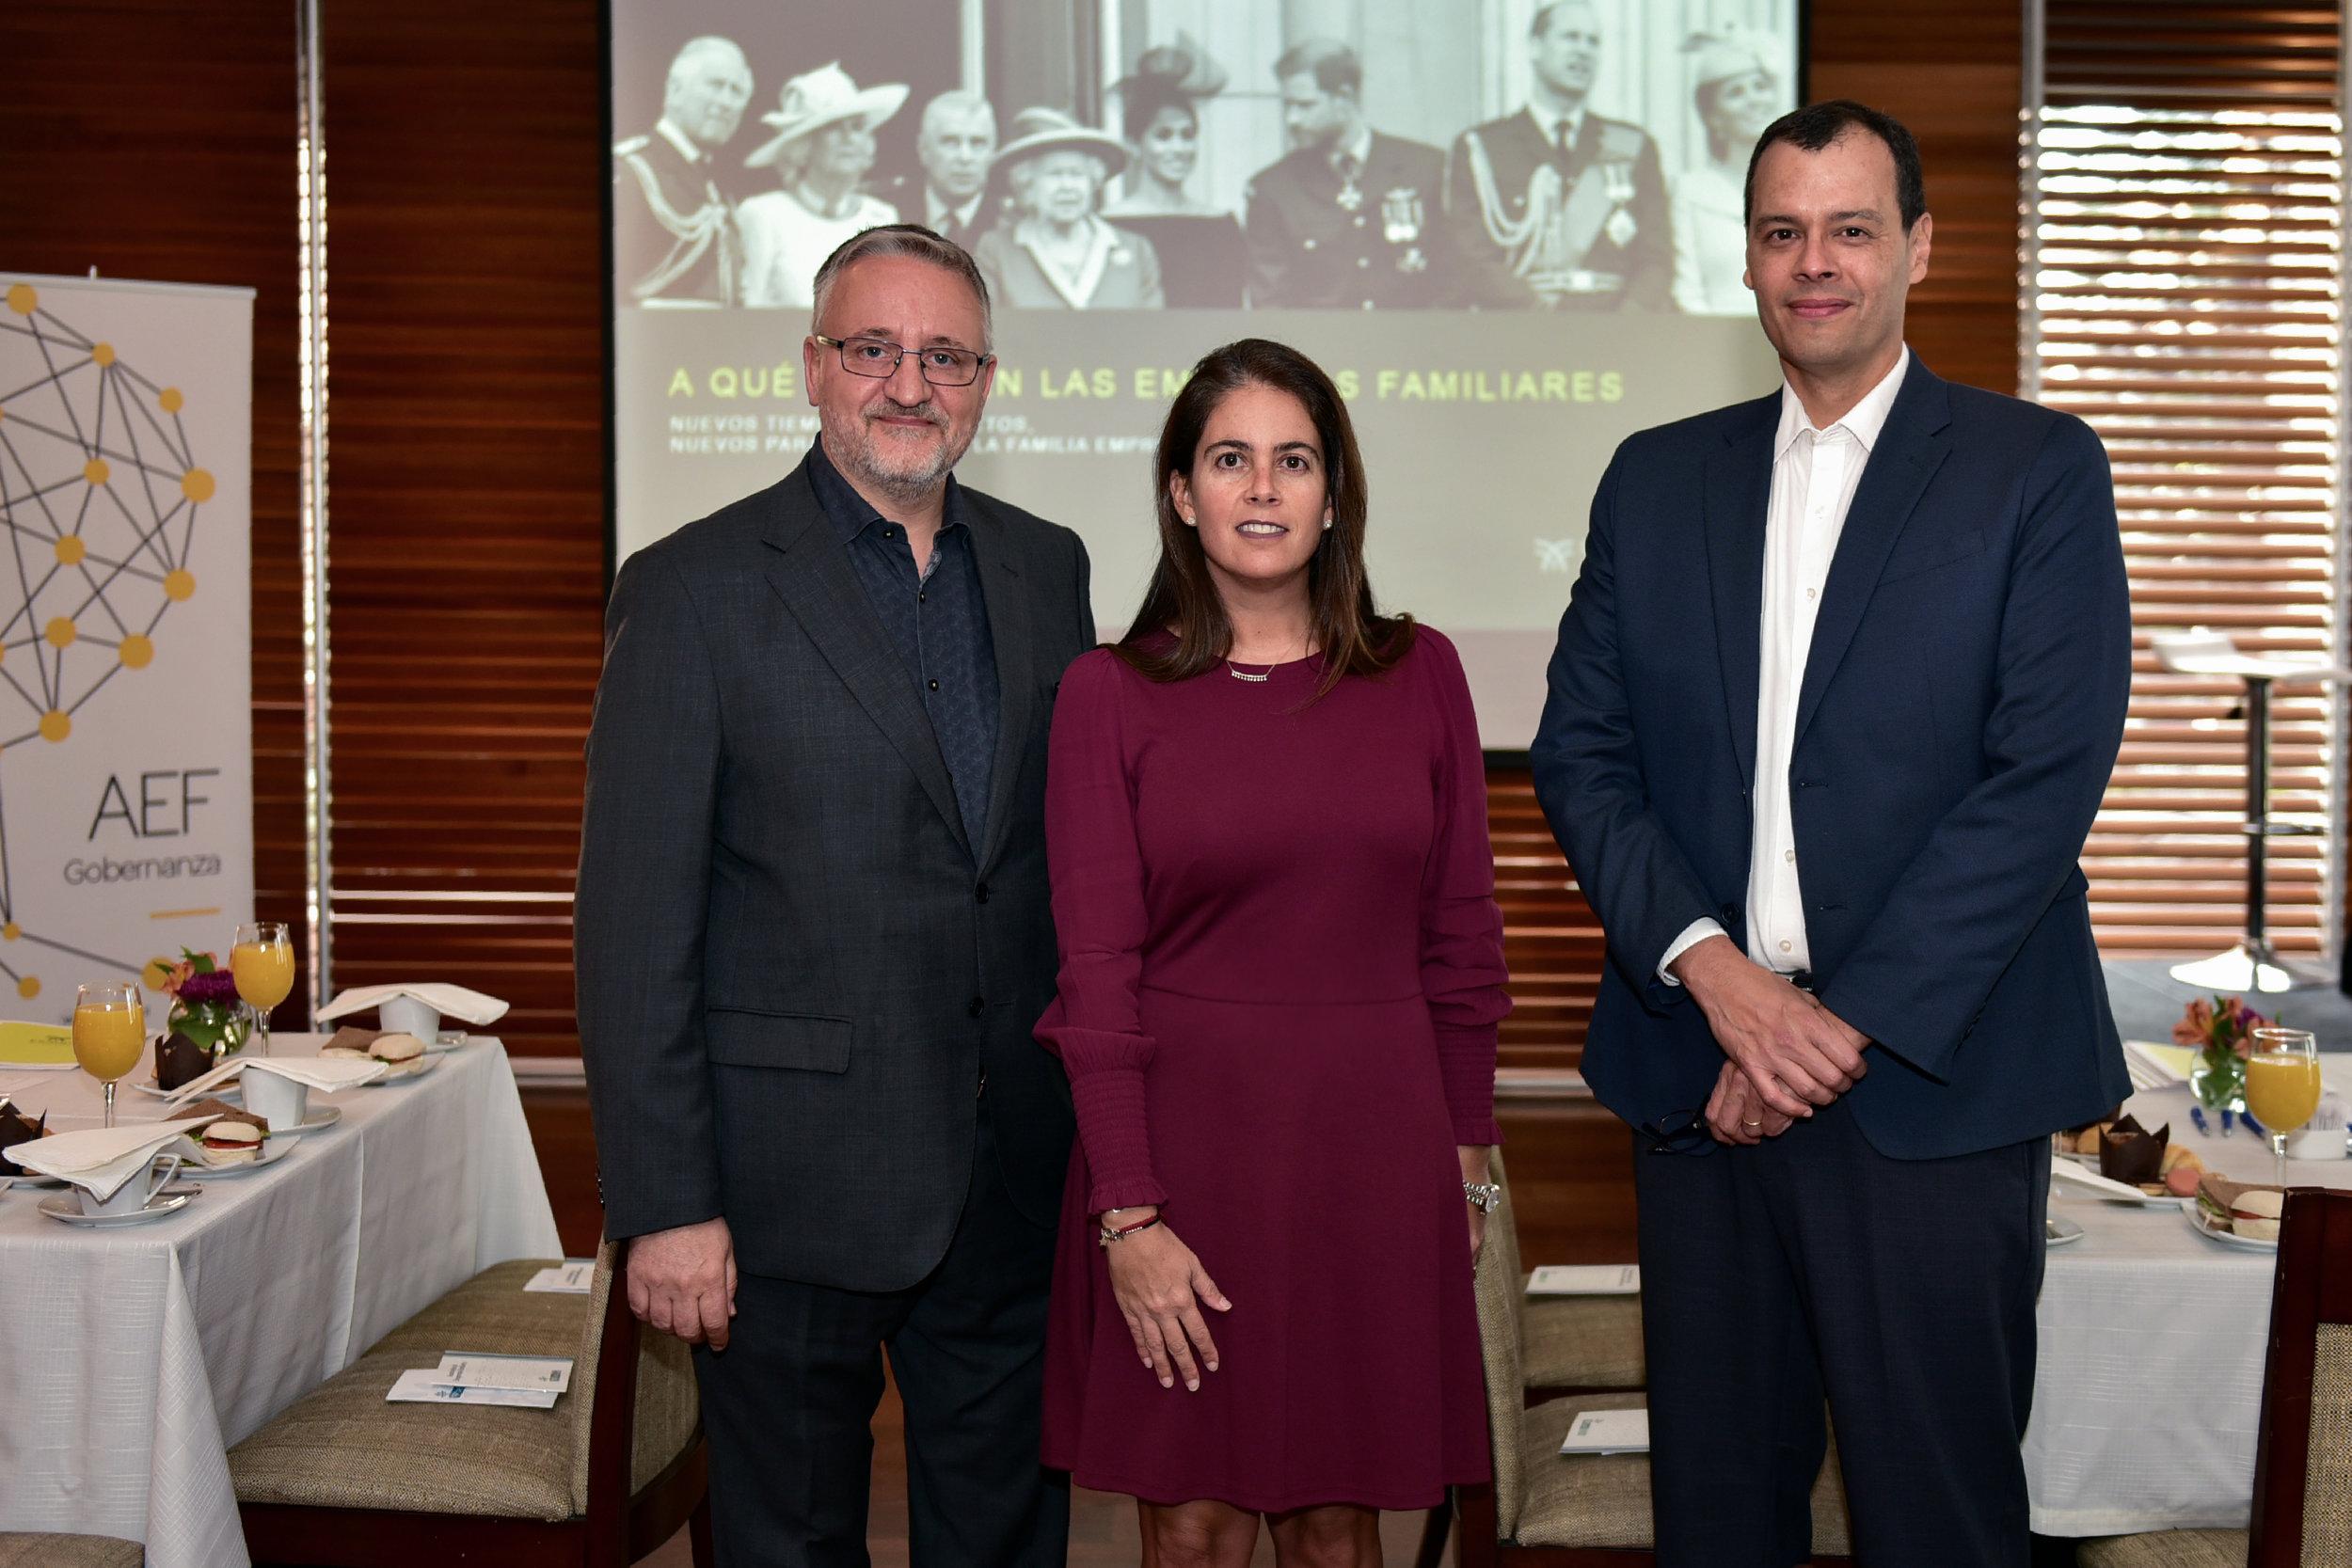 Ferran Fisas y Guillermo Salazar junto a Fernanda Hurtado Fabres de AEF Chile